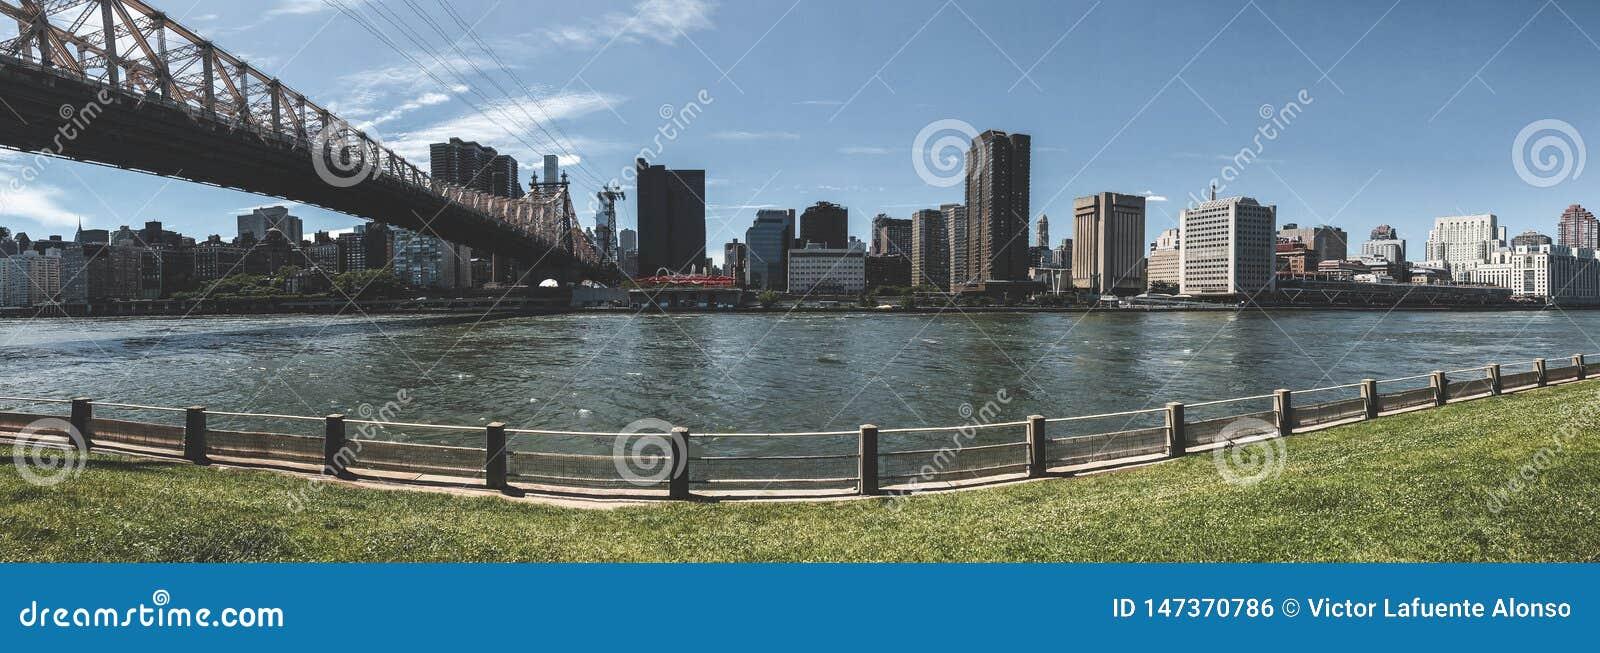 Мост Ed Koch Queensboro между островом Рузвельта и Манхэттеном